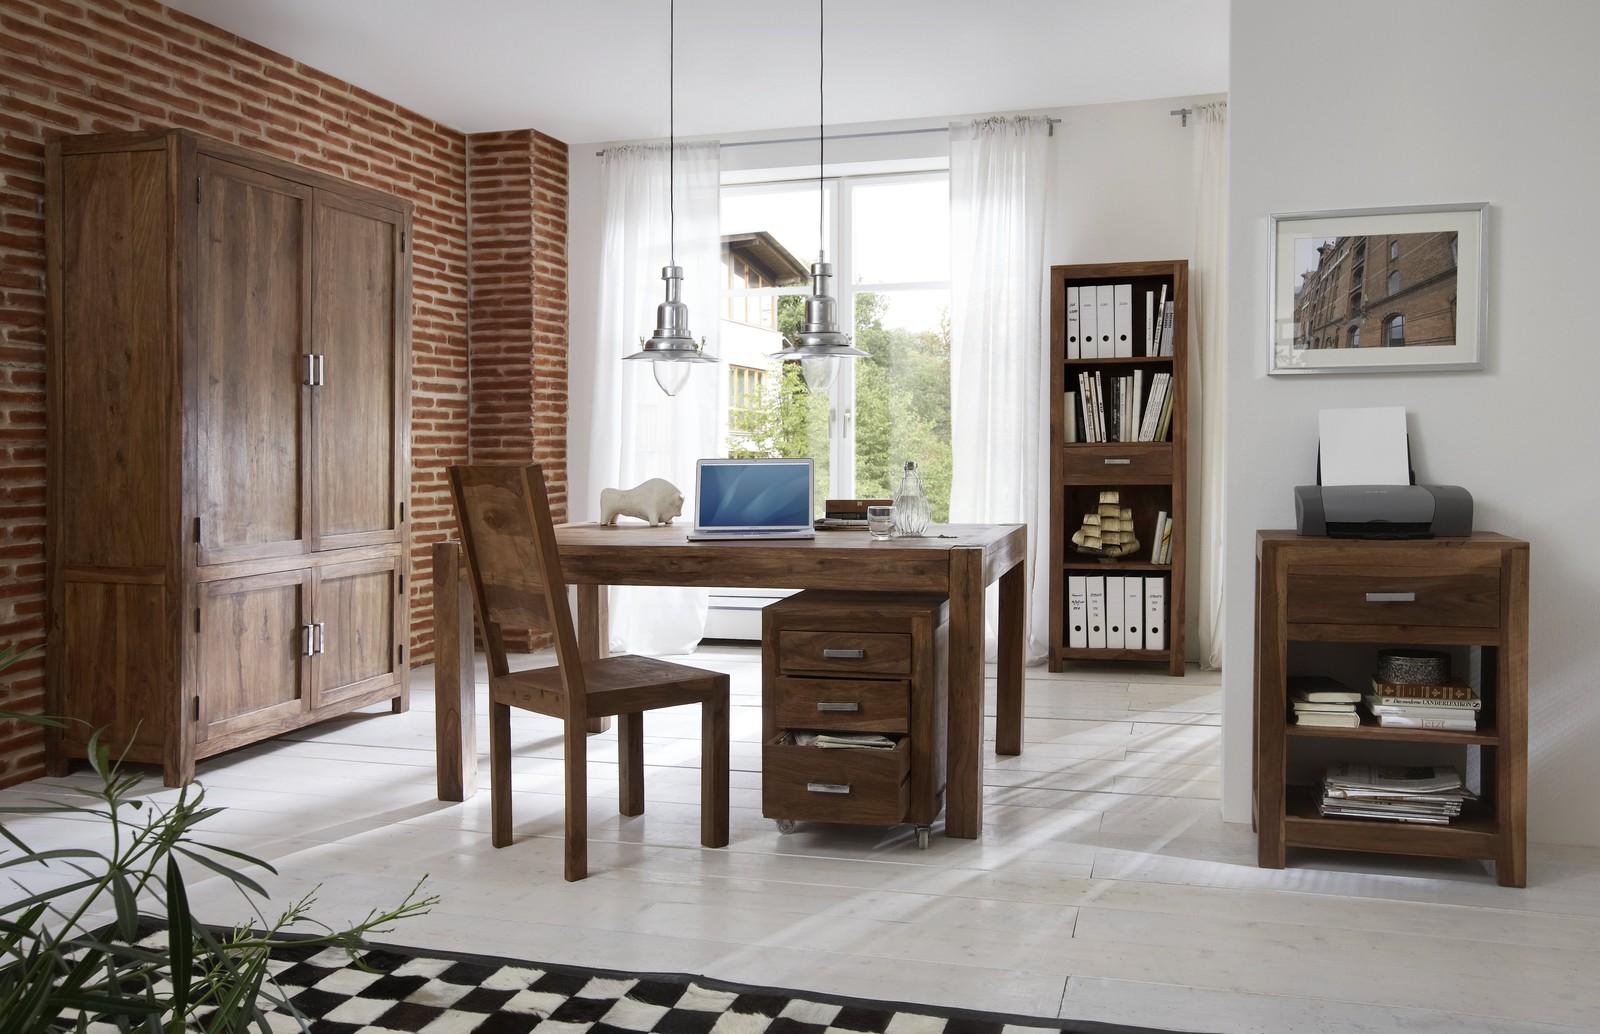 Landhausmöbel für jedes Interieur